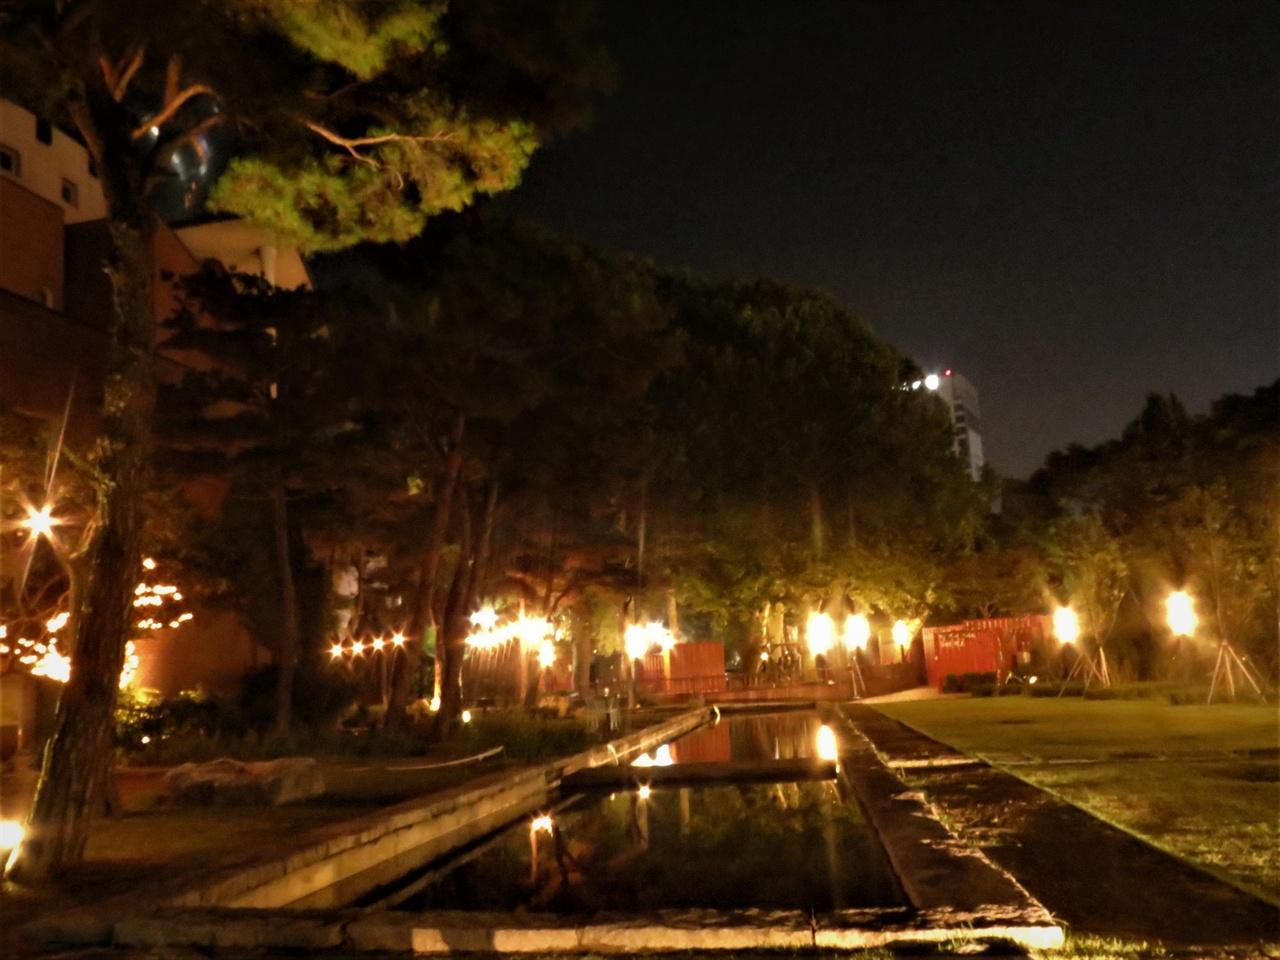 산책로를 따라 걷다 보면 전북대 삼성문화회관 앞 마당이 나옵니다. 좁다란 길의 끝에서 만나는 이 드넓은 공간에는 역시 음악과 사람이 있습니다. 이 마당을 바라보는 레스토랑도 이곳에 있으니 커피 한 잔 하시는 것도 좋은 생각입니다.